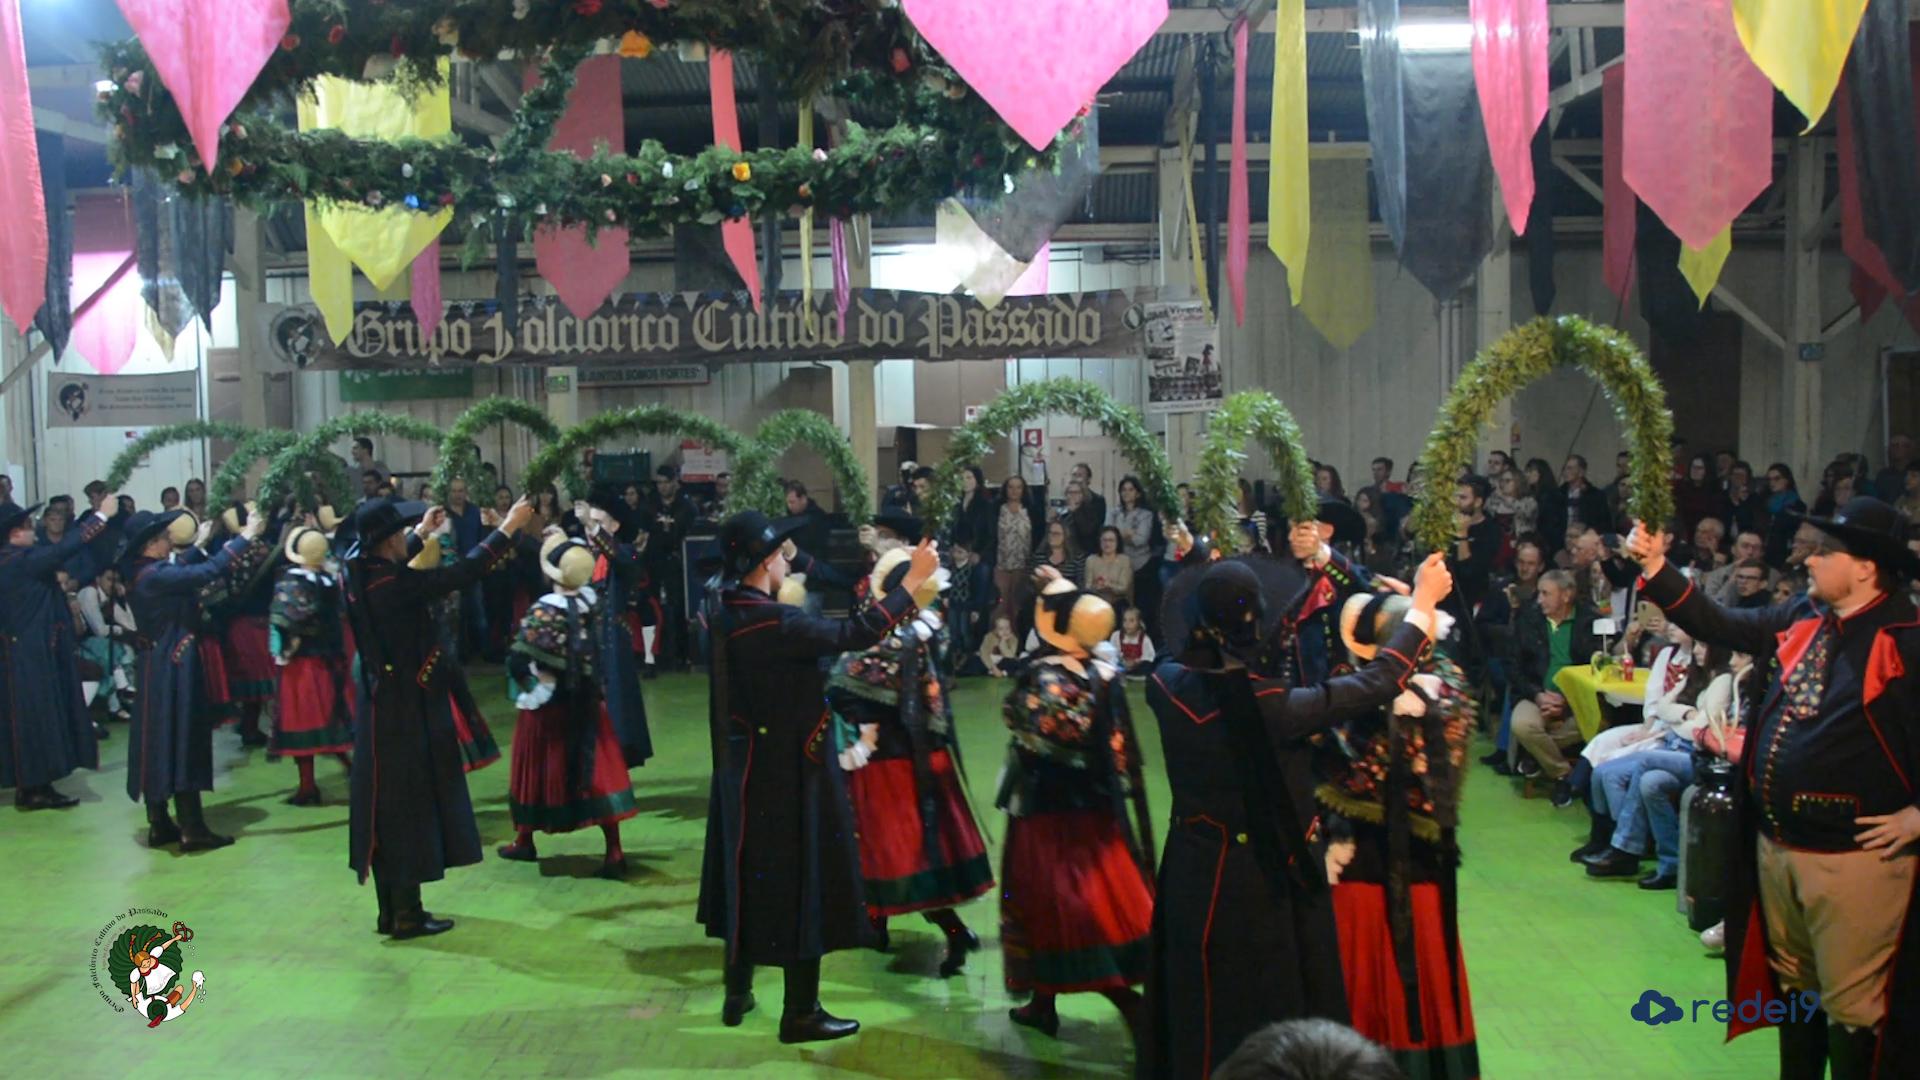 Apresentação do novo traje – Grupo Folclórico Cultivo do Passado